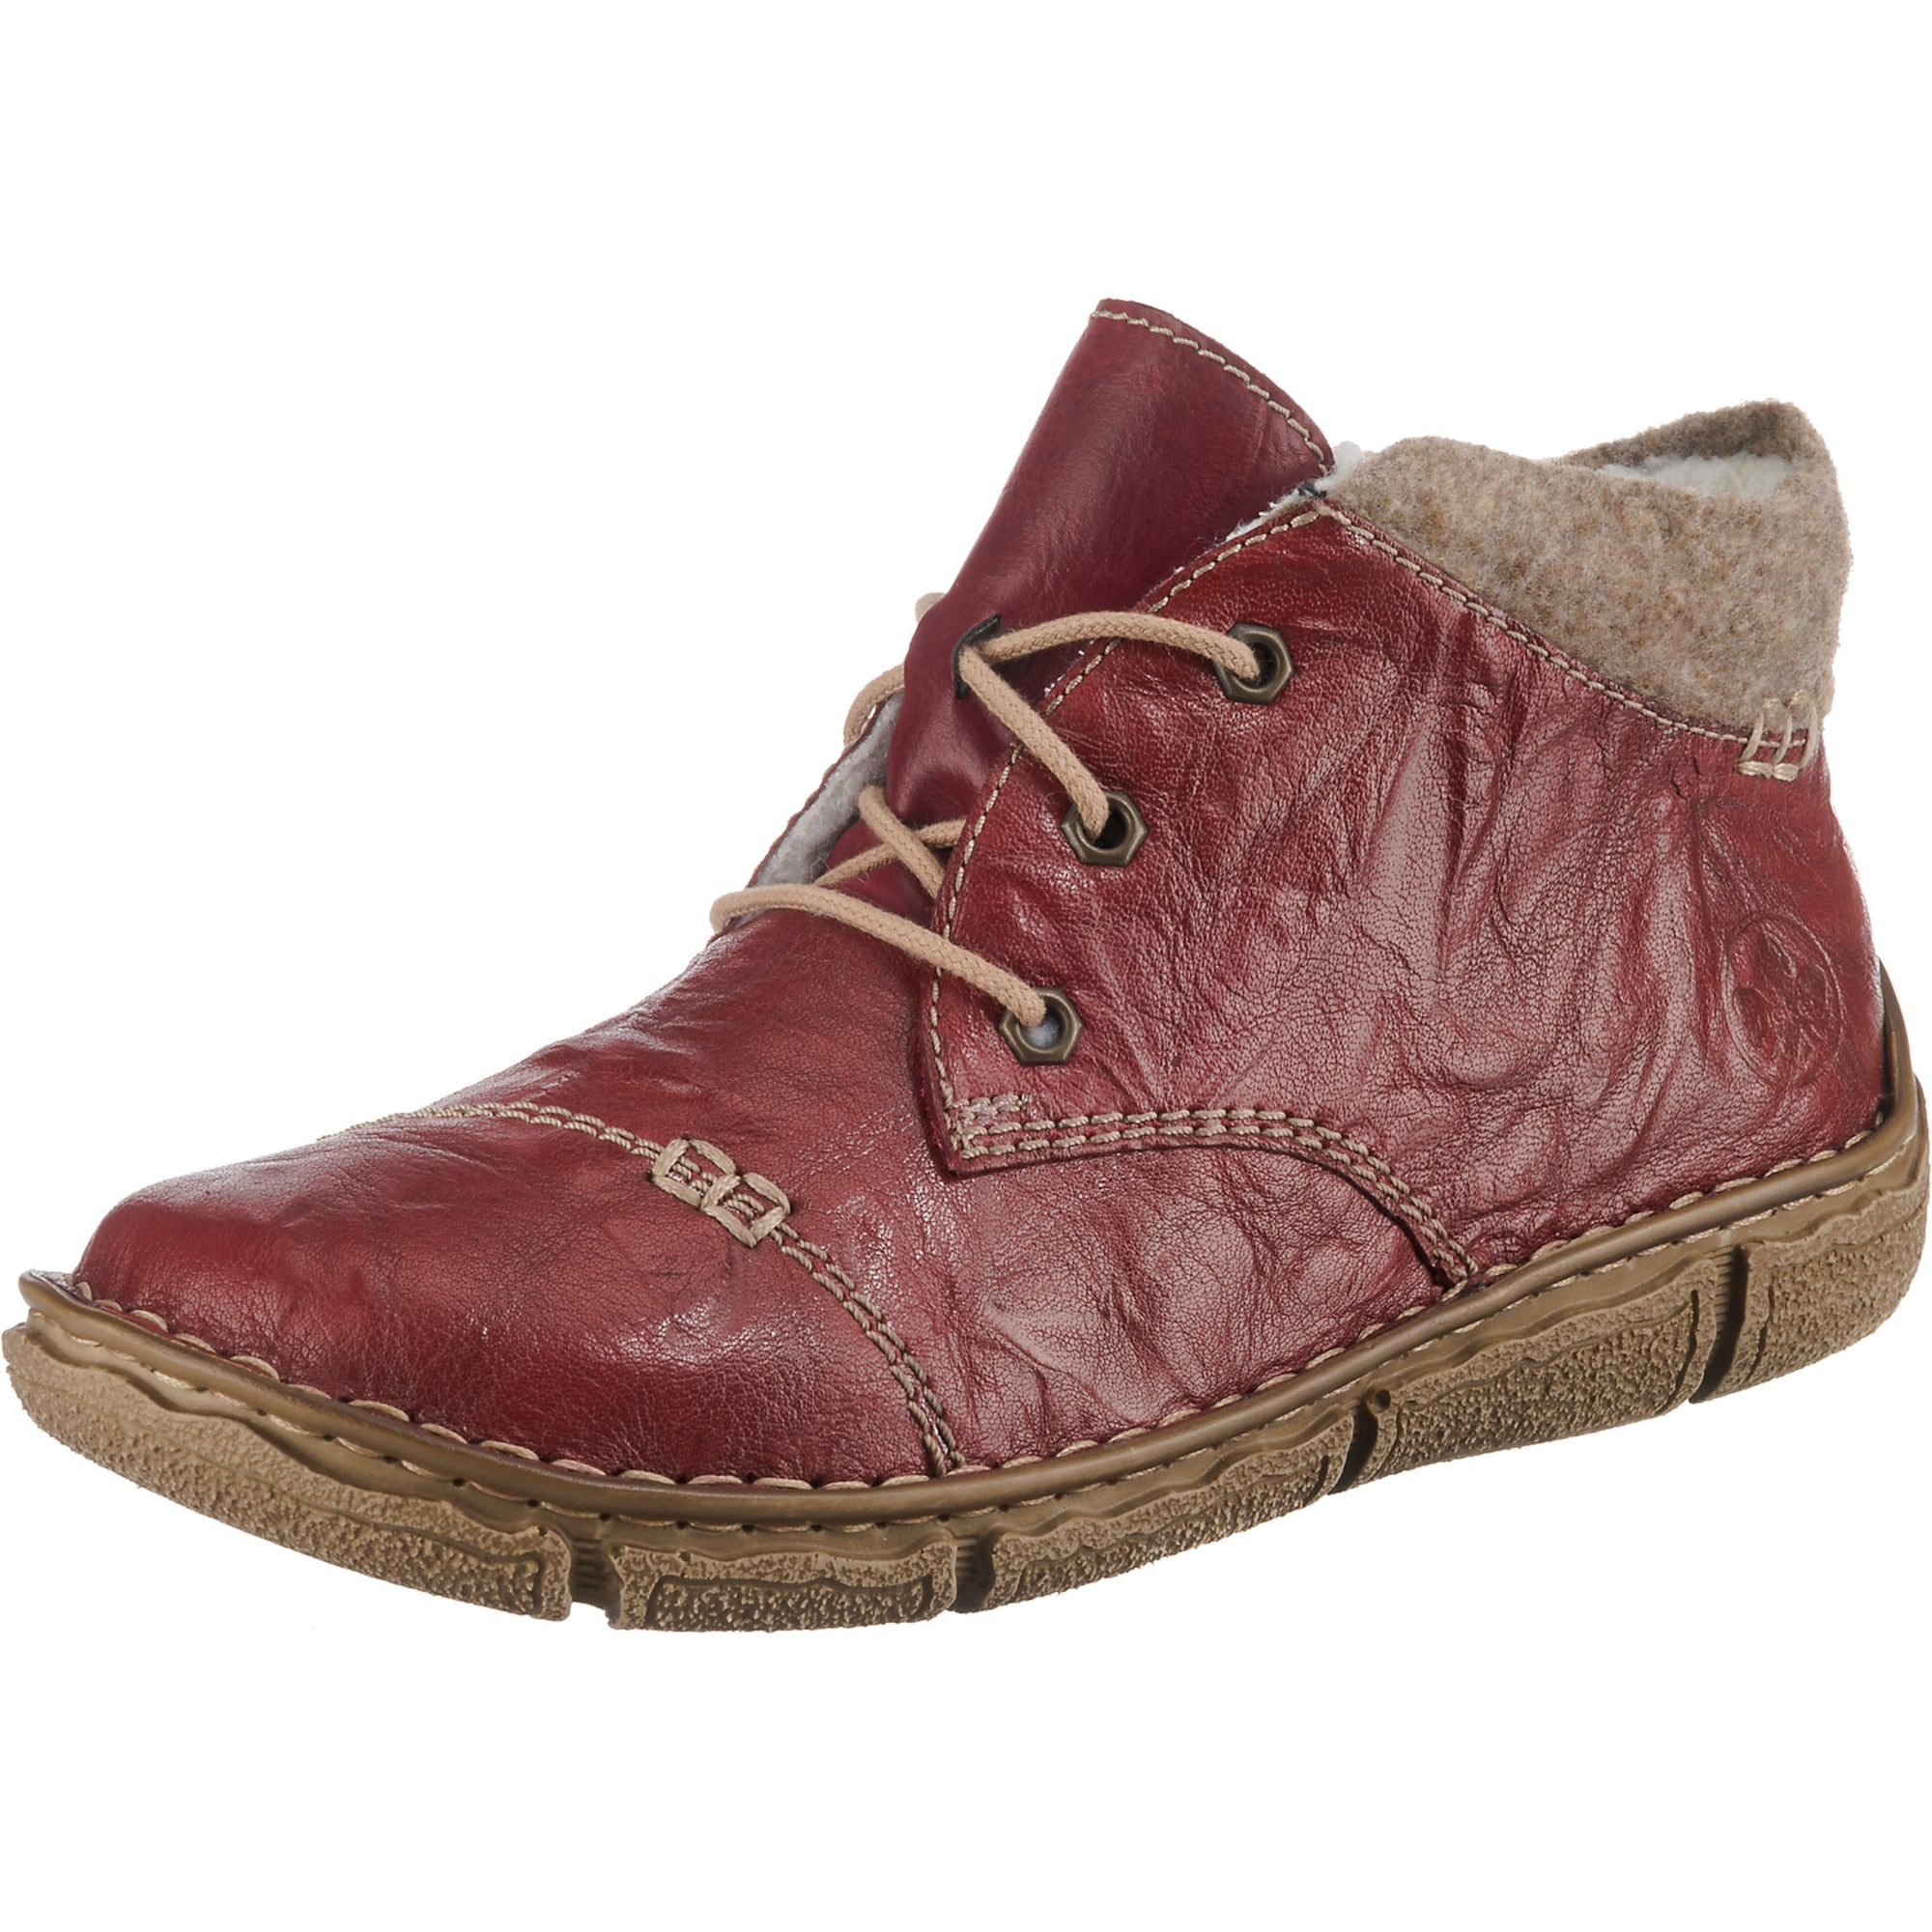 Winterstiefeletten   Schuhe > Stiefeletten > Winterstiefeletten   Rot   RIEKER